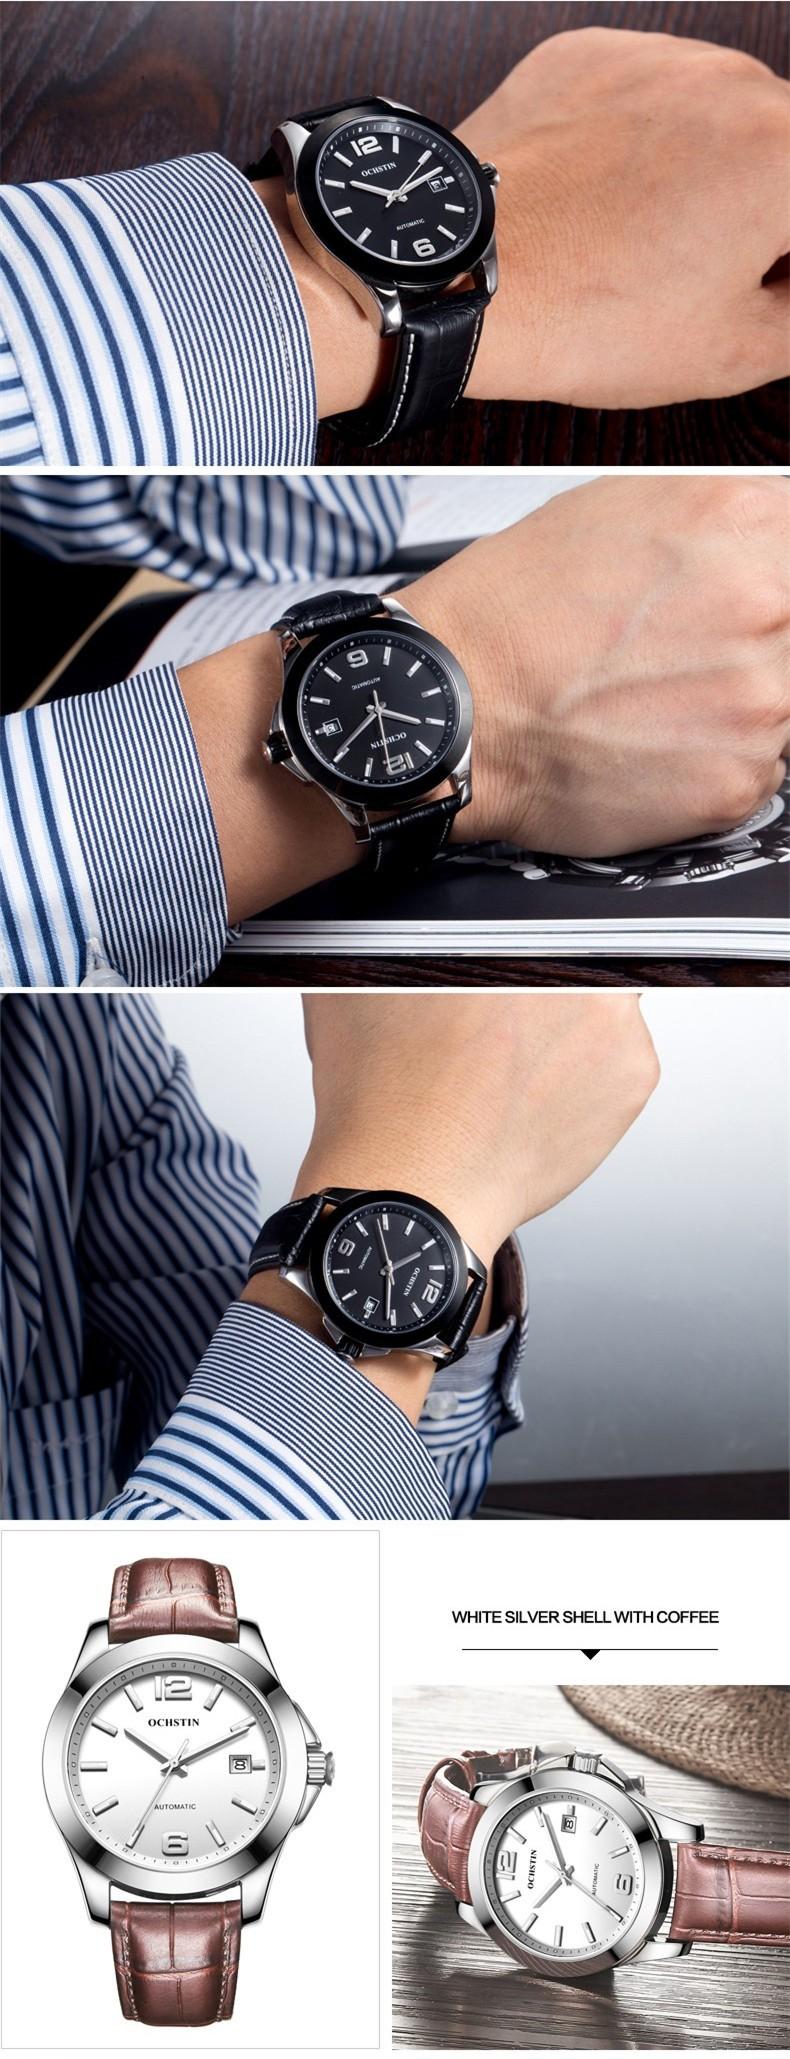 OCHSTIN Смотреть Мужчины Автоматическая Механическая Люксовый Бренд мужские Часы Часы Мужчины Наручные часы Relogio Masculino Мода reloj hombre